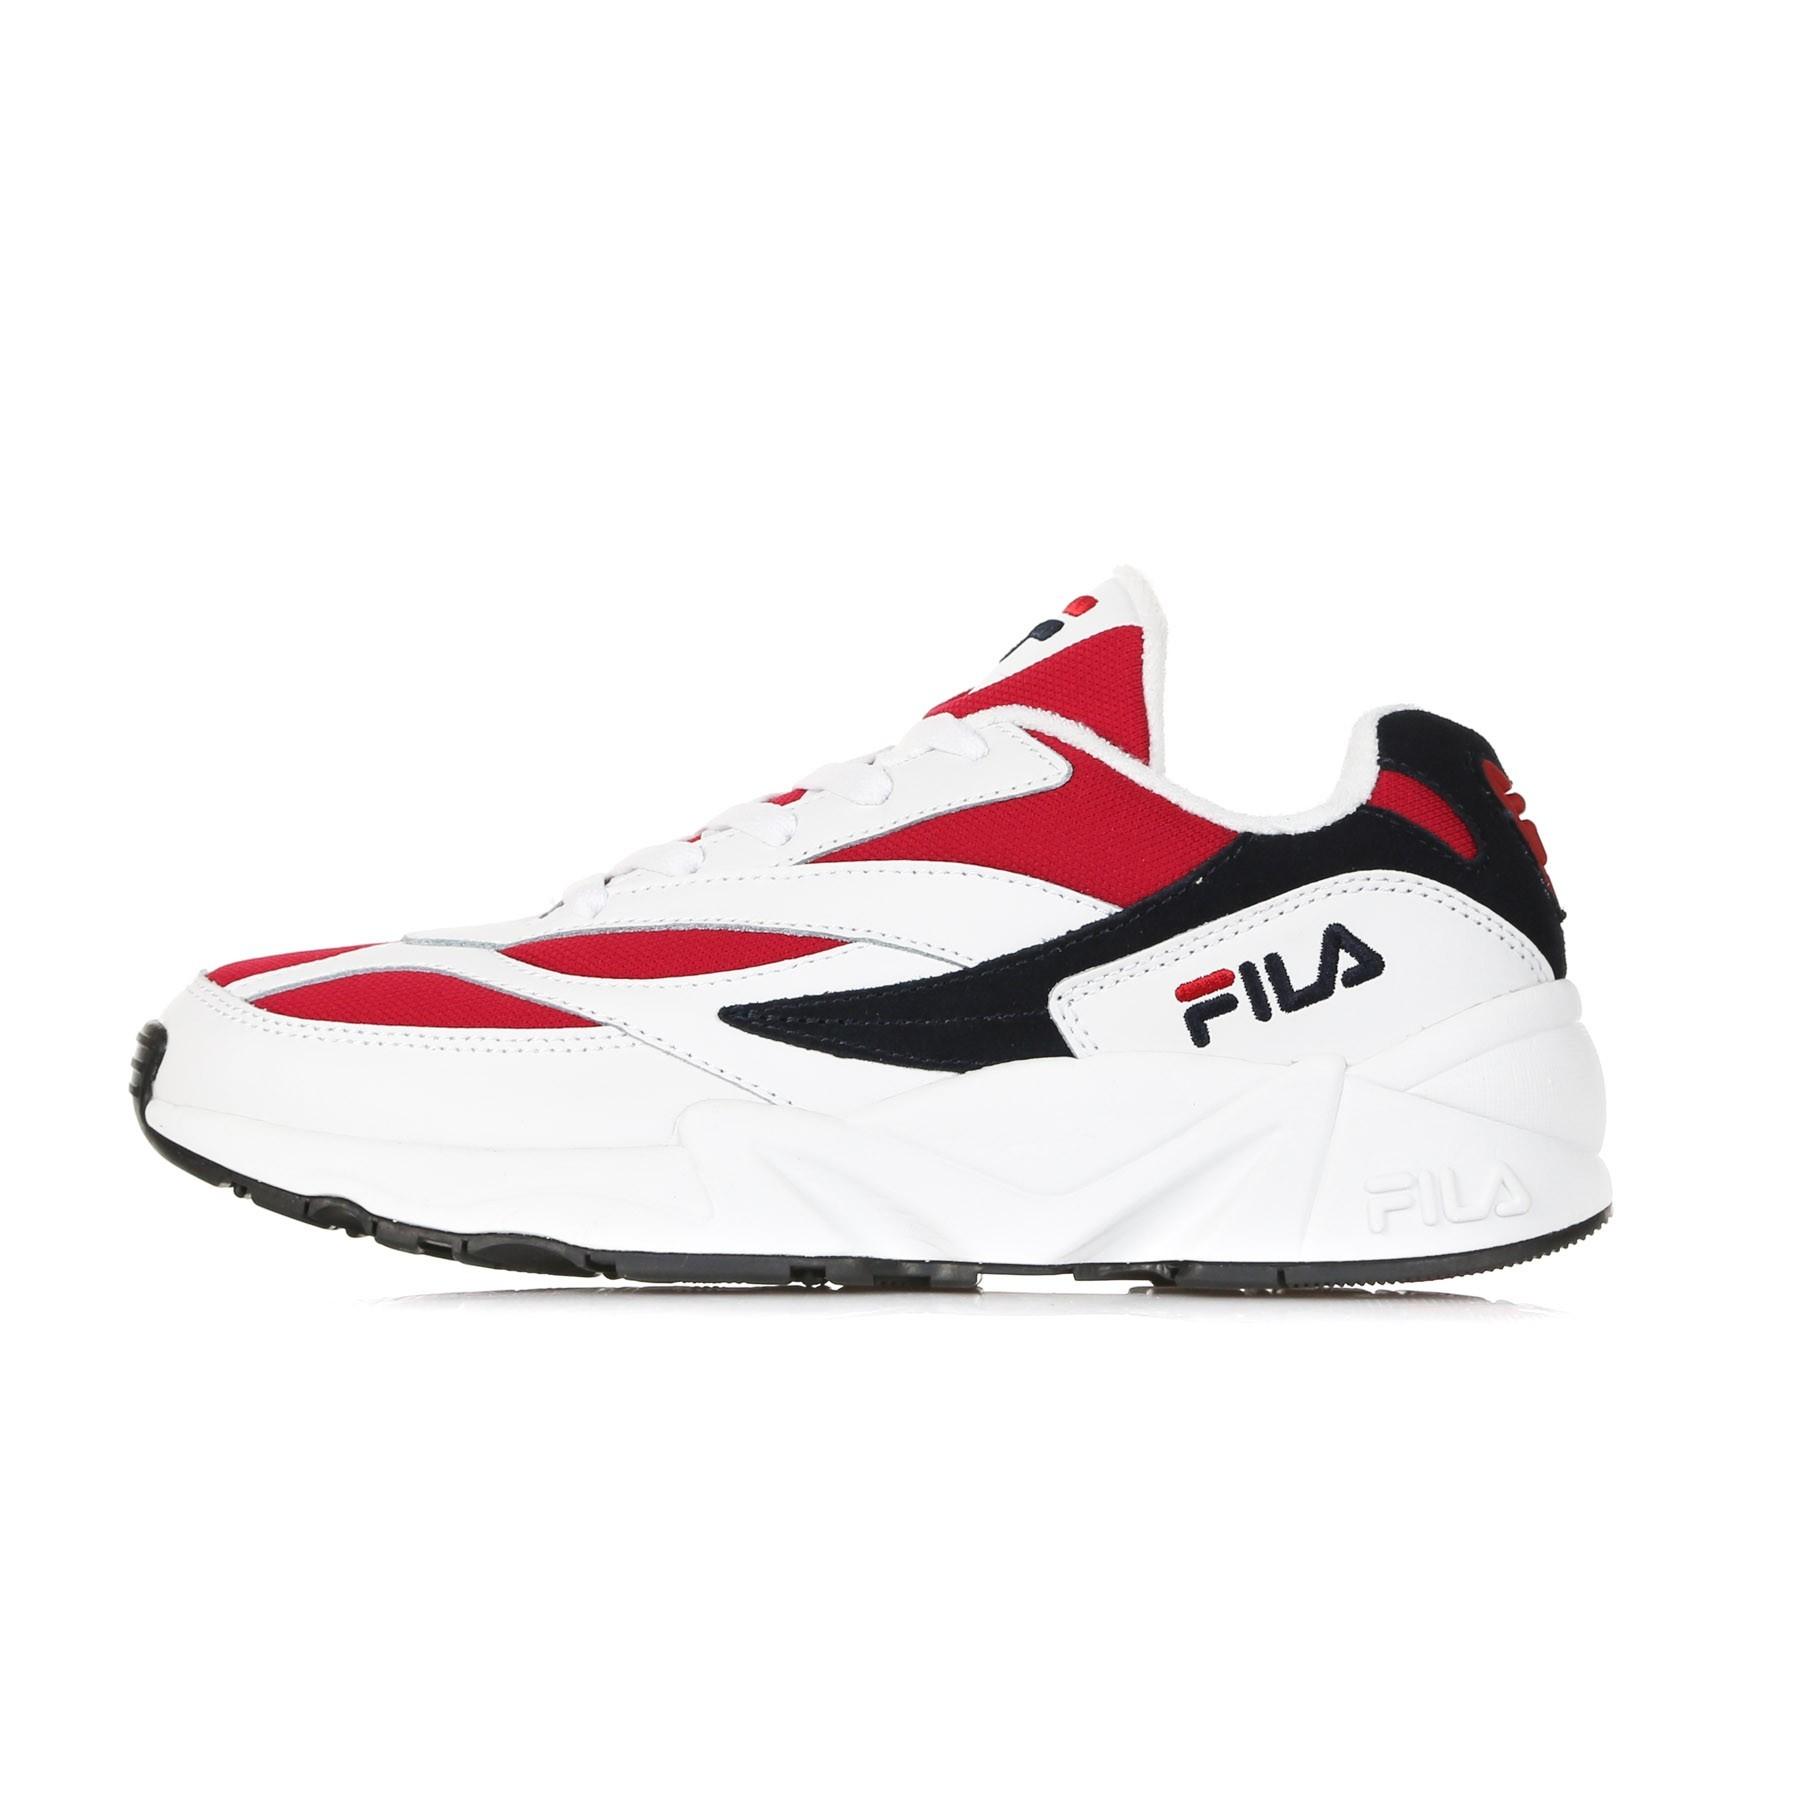 SCARPA BASSA FILA V94M LOW WHITE/FILA NAVY/FILA RED | Atipicishop.com